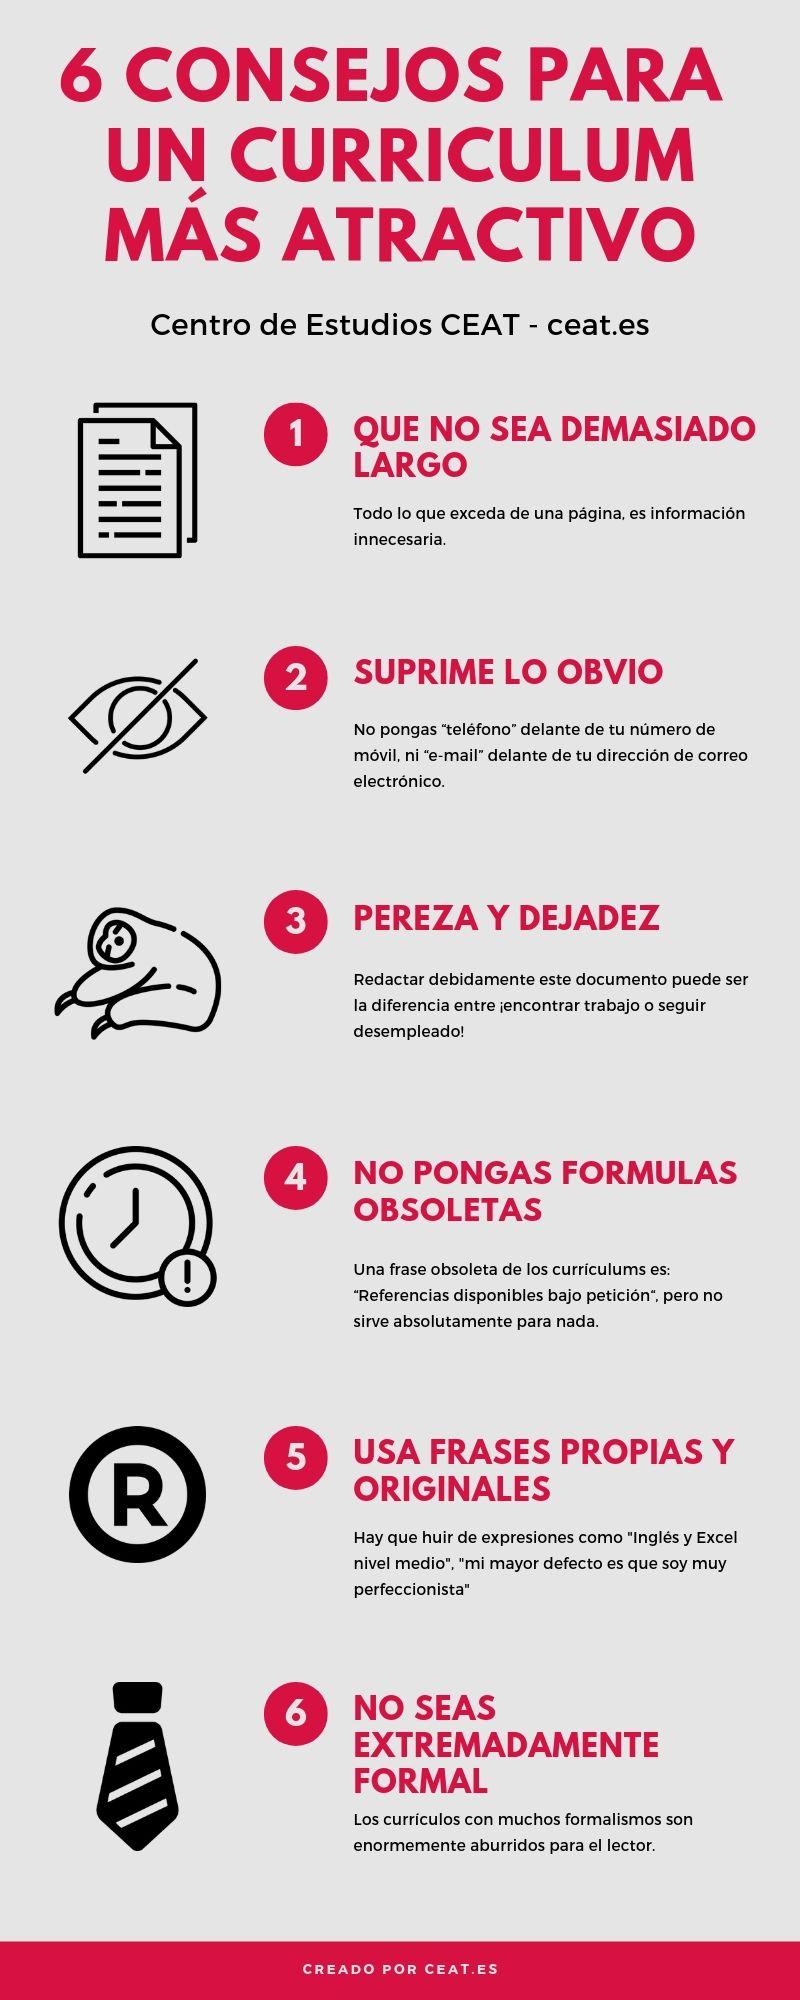 6 Consejos para un curriculum más atractivo